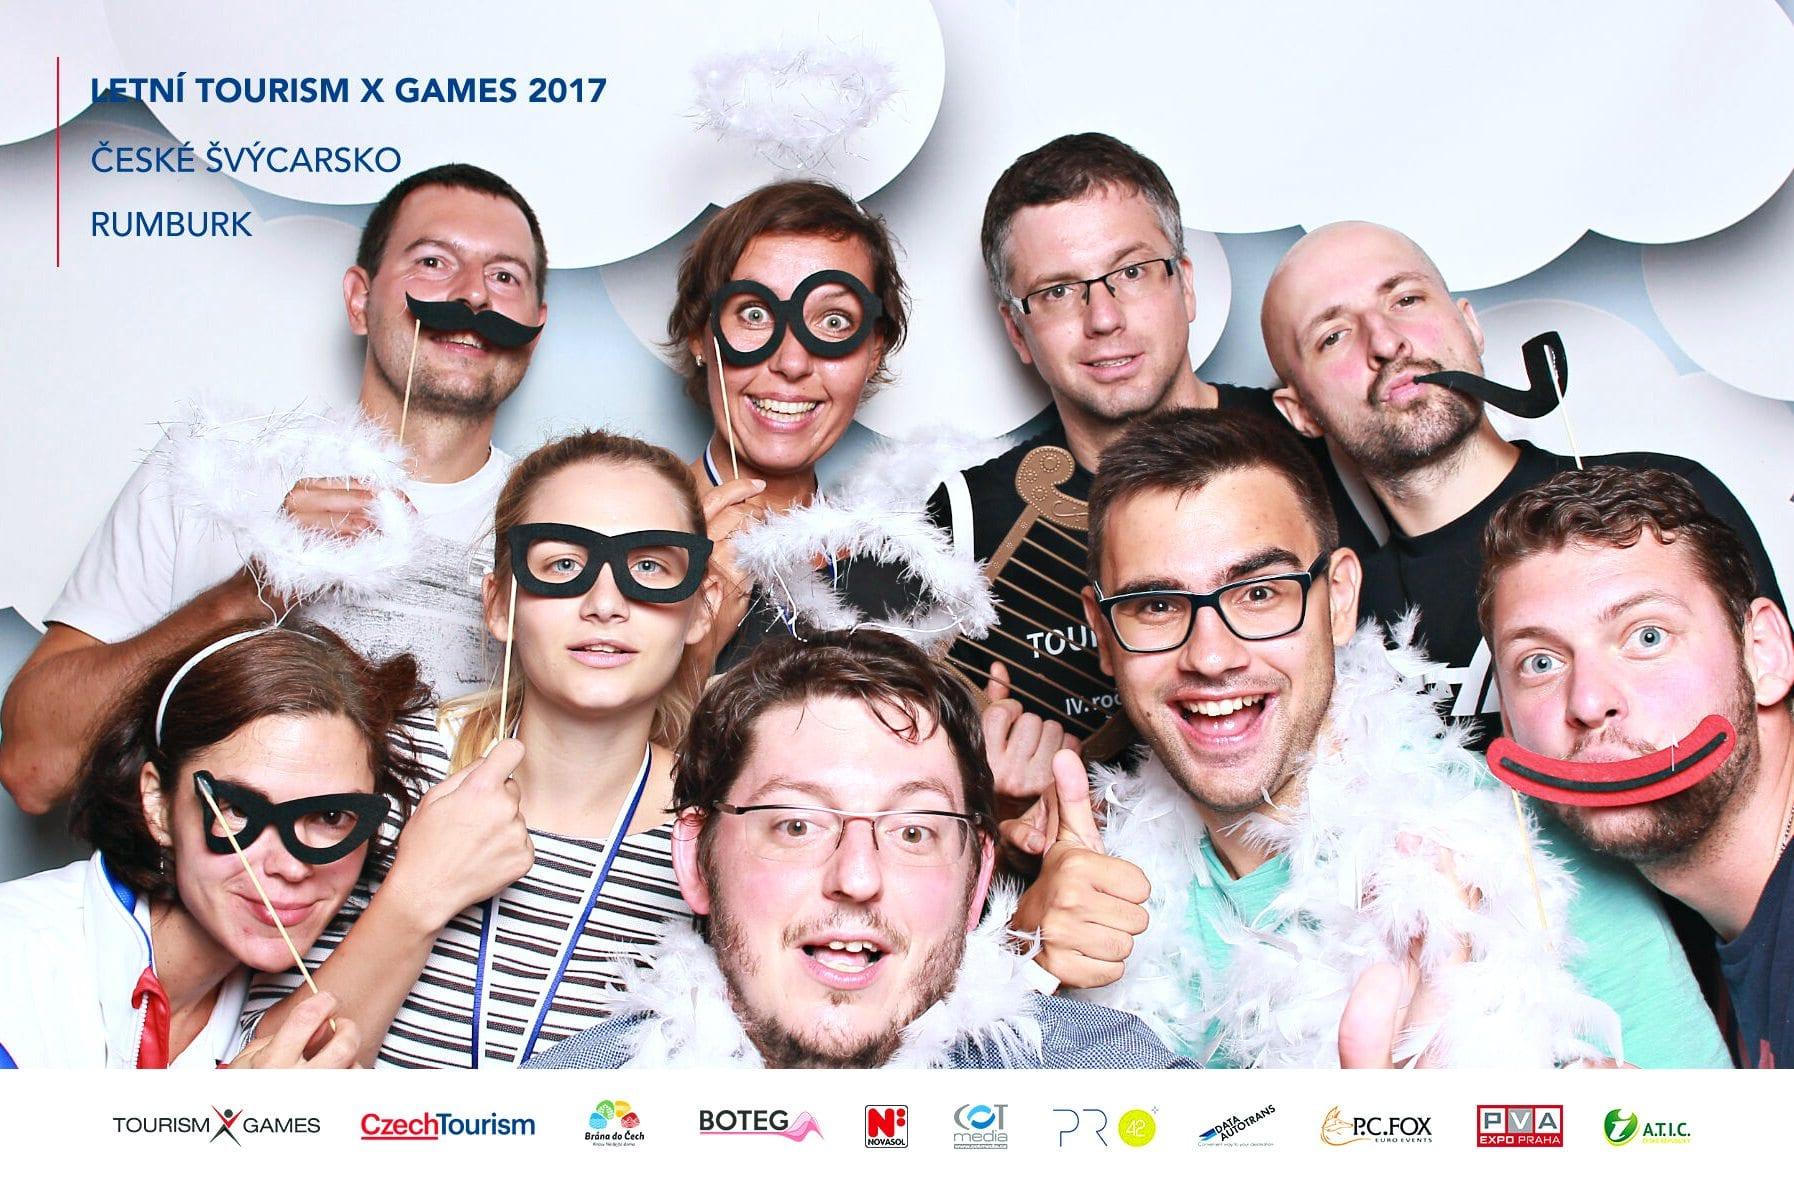 fotokoutek-letni-tourism-x-games-8-9-2017-306344